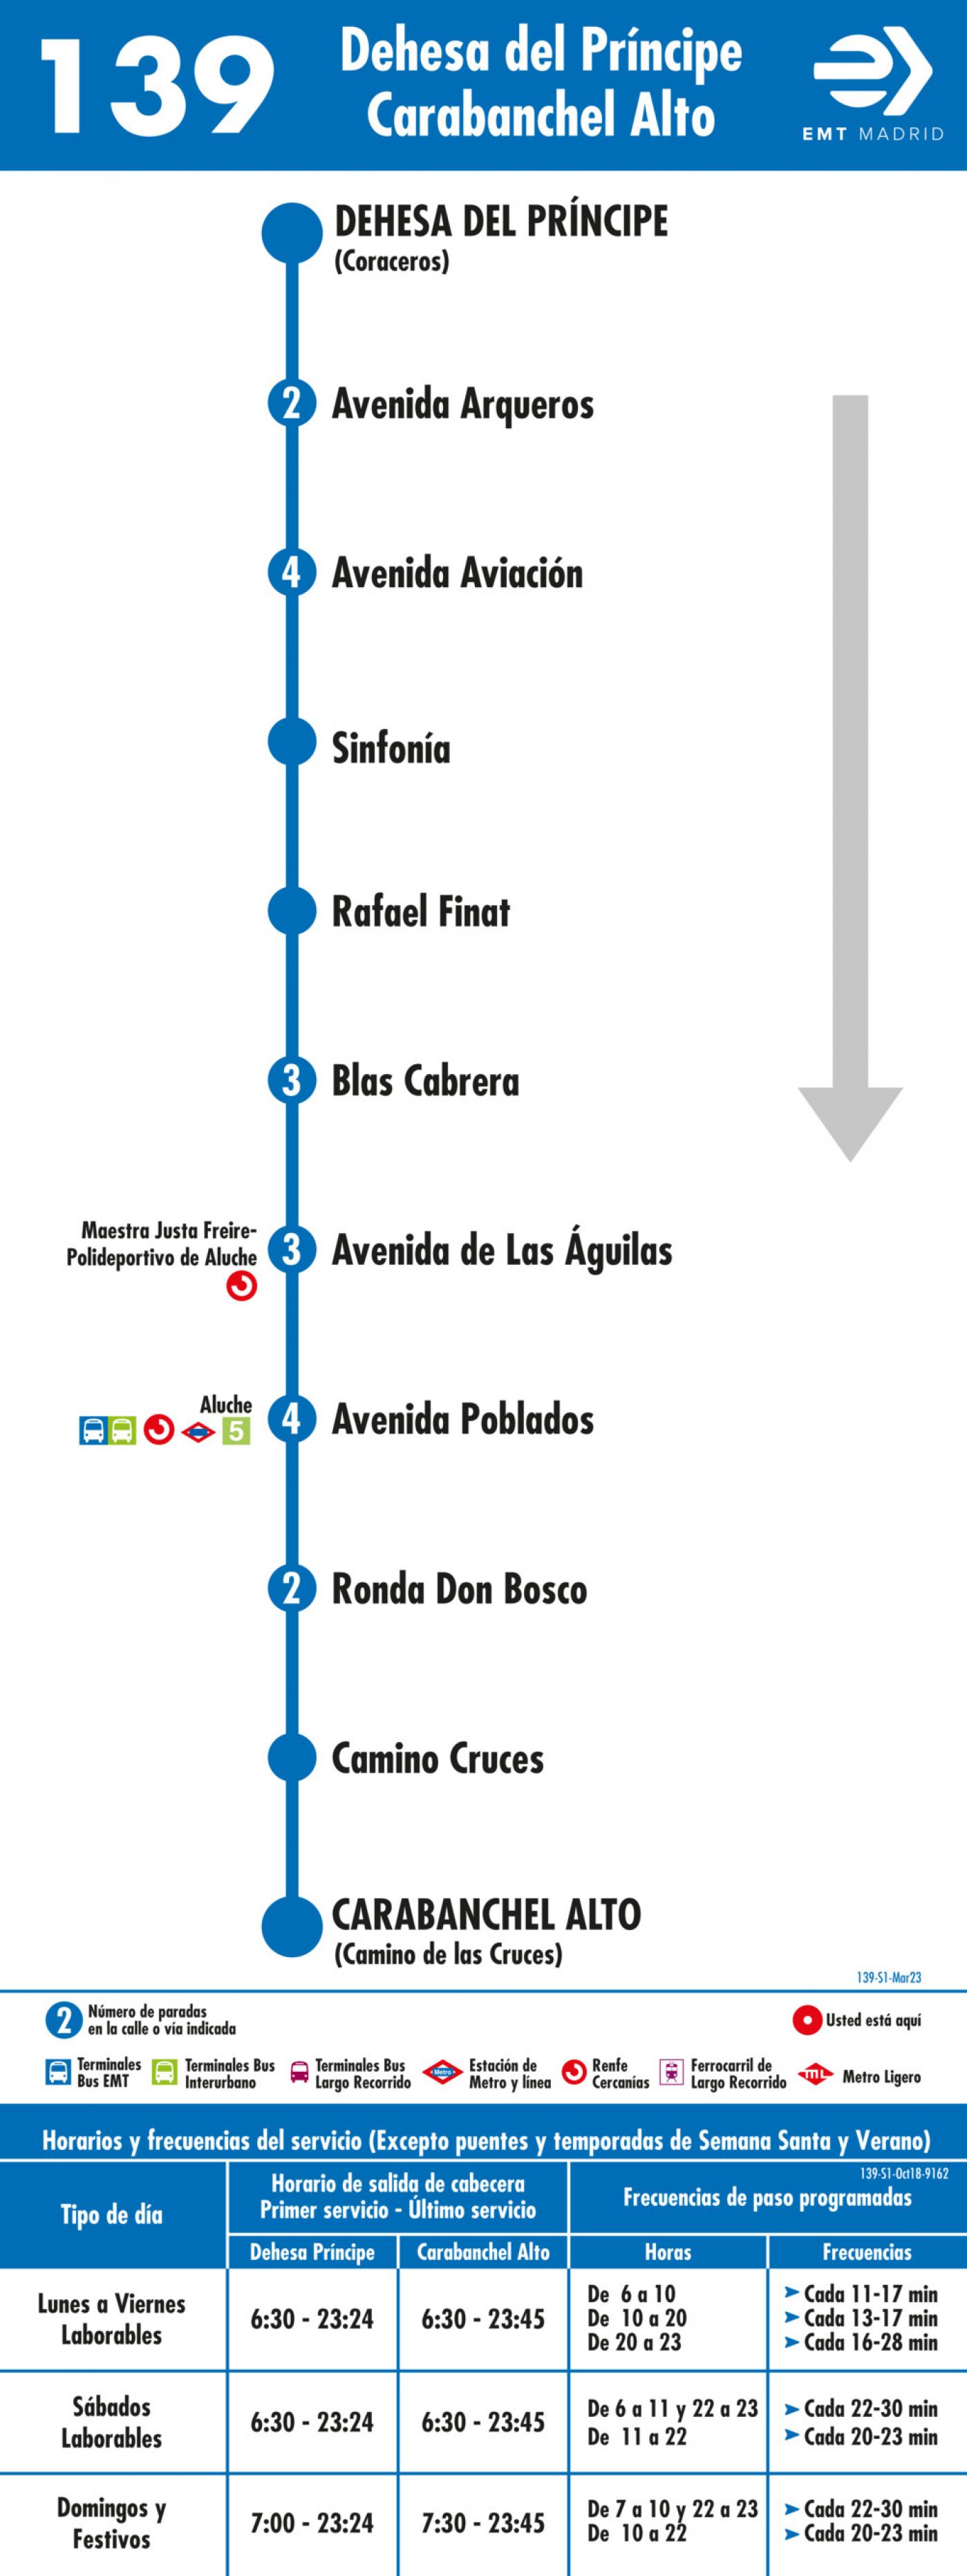 Tabla de horarios y frecuencias de paso en sentido ida Línea 139: Dehesa del Príncipe - Carabanchel Alto